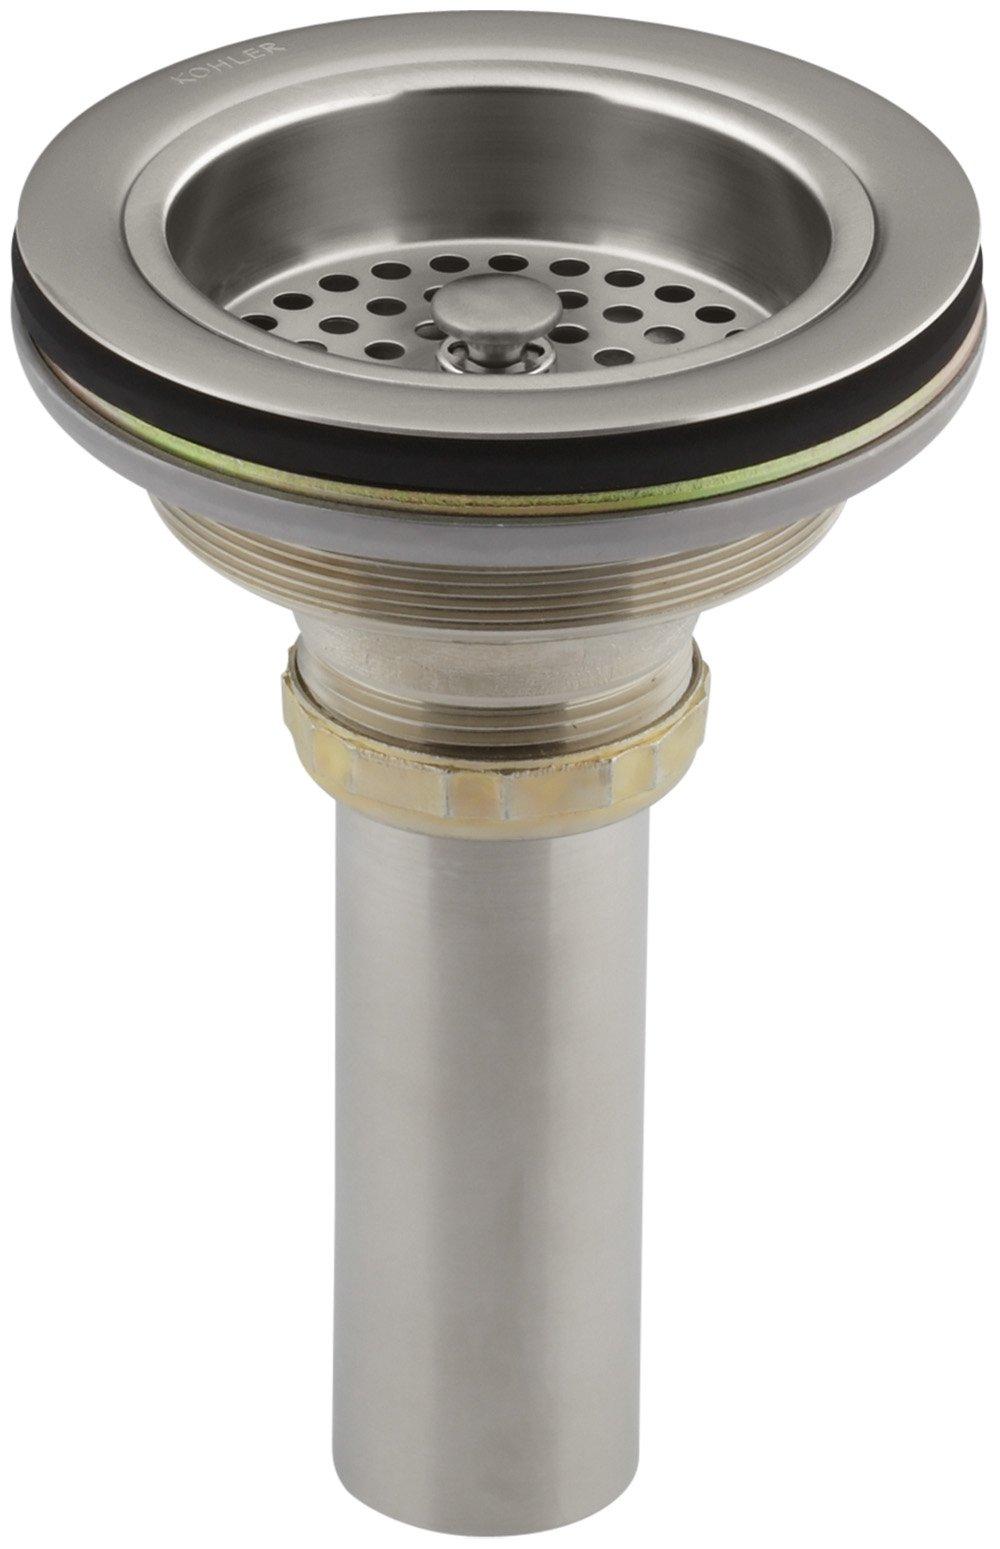 KOHLER K-8801-VS Duostrainer Sink Strainer, Vibrant Stainless by Kohler